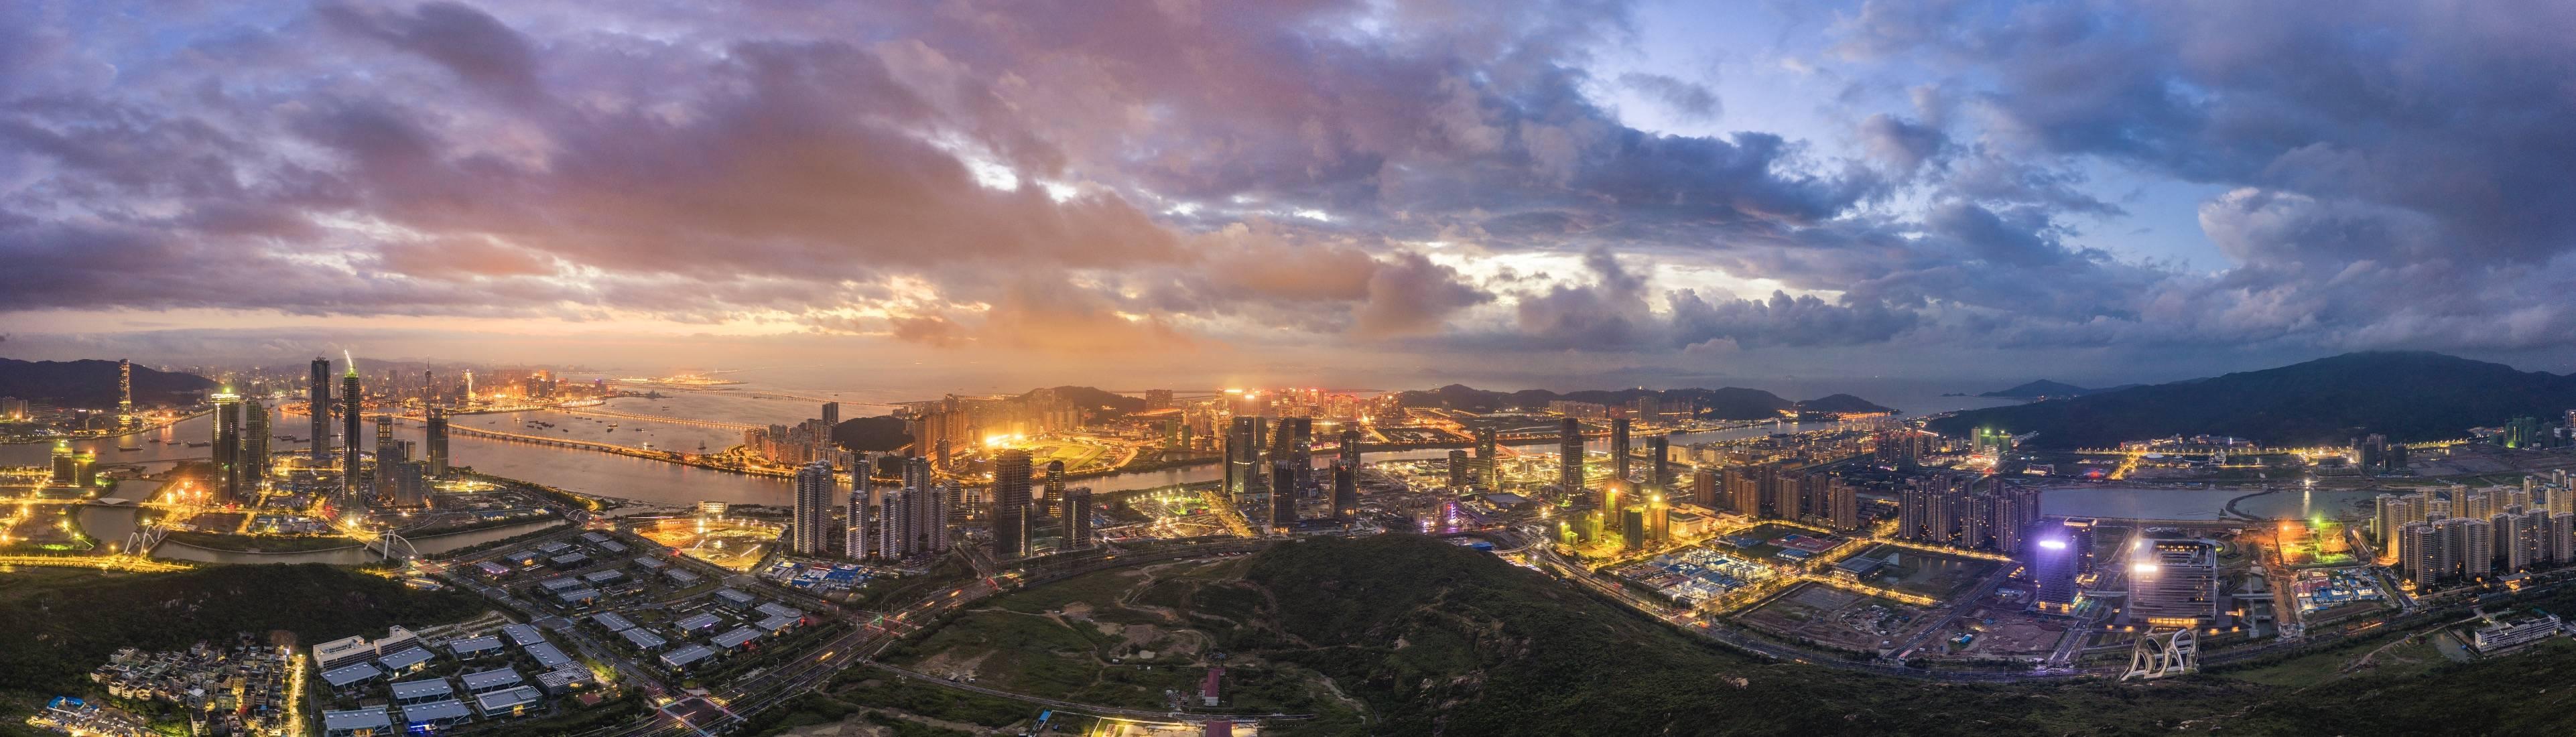 国家发改委:研究探索在横琴建设澳门证券交易所